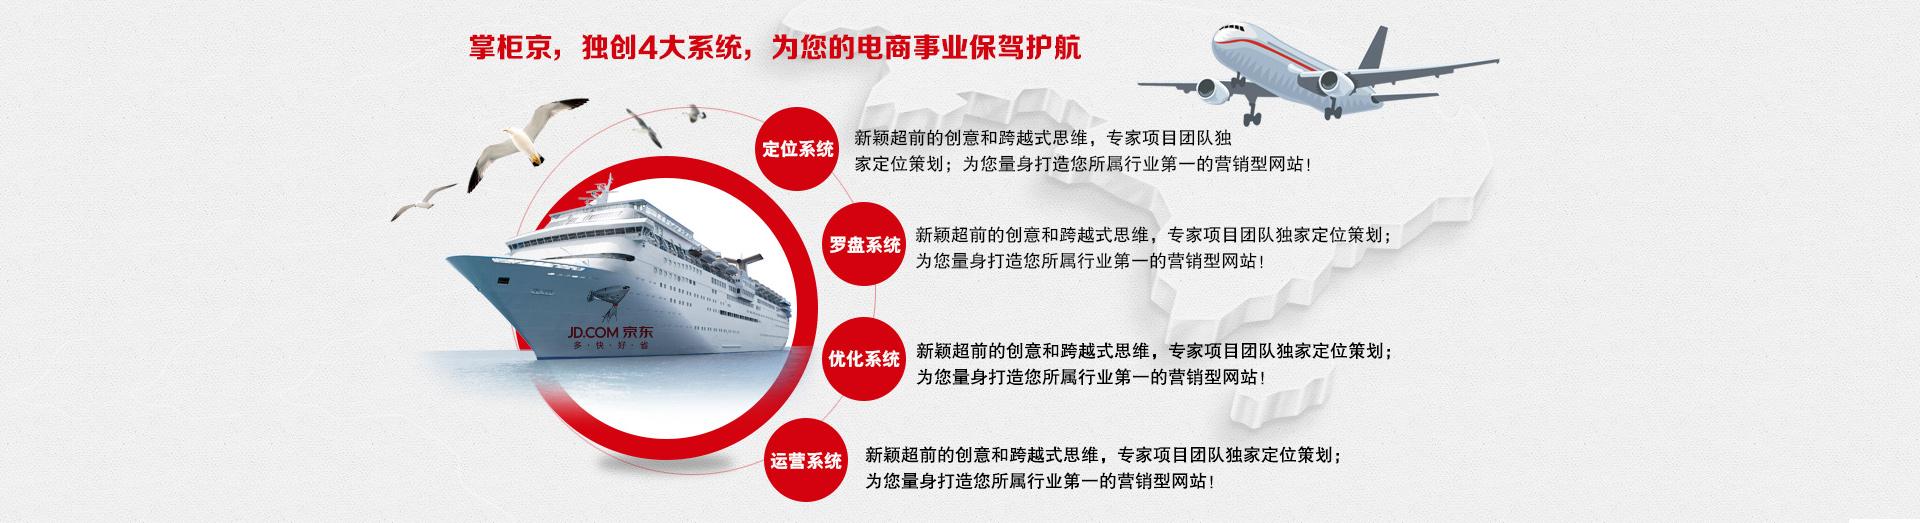 京掌柜独创四大系统,为您的电商事业保驾护航!